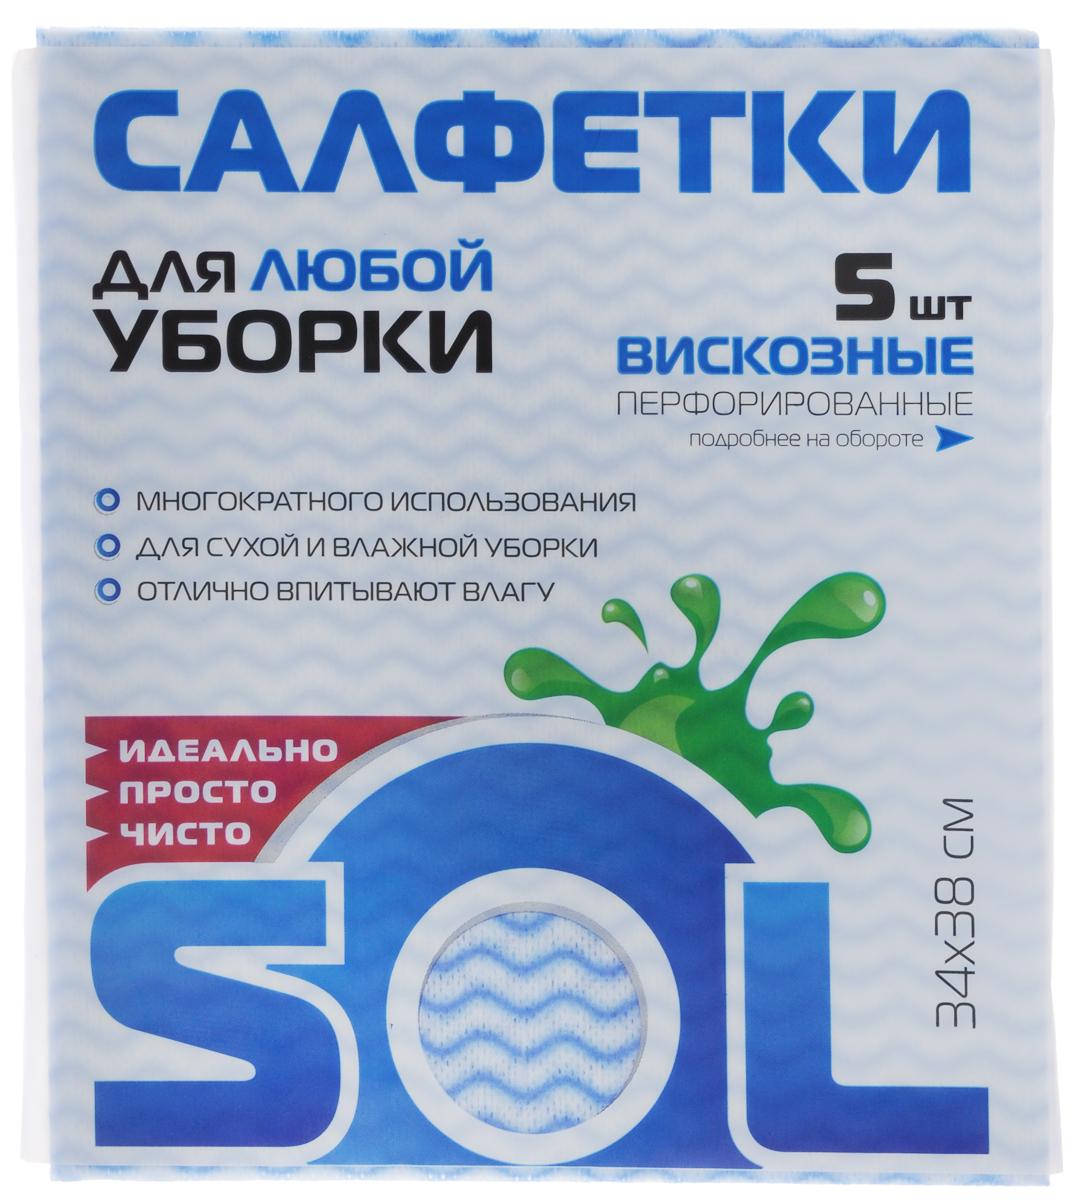 Салфетка для уборки Sol из вискозы, перфорированная, цвет: белый, голубой, 34 x 38 см, 5 шт10005/10053_голубойПерфорированные салфетки для уборки Sol, выполненные из вискозы, предназначены для уборки и могут применяться с различными моющими средствами. Эффективно впитывают жидкость. Мягкие и прочные, легко отжимаются и быстро сохнут. Рекомендации по уходу: Для обеспечения гигиеничности уборки после применения прополоскать в теплой воде. Для продления срока службы не применять машинную стирку, не гладить и не кипятить.